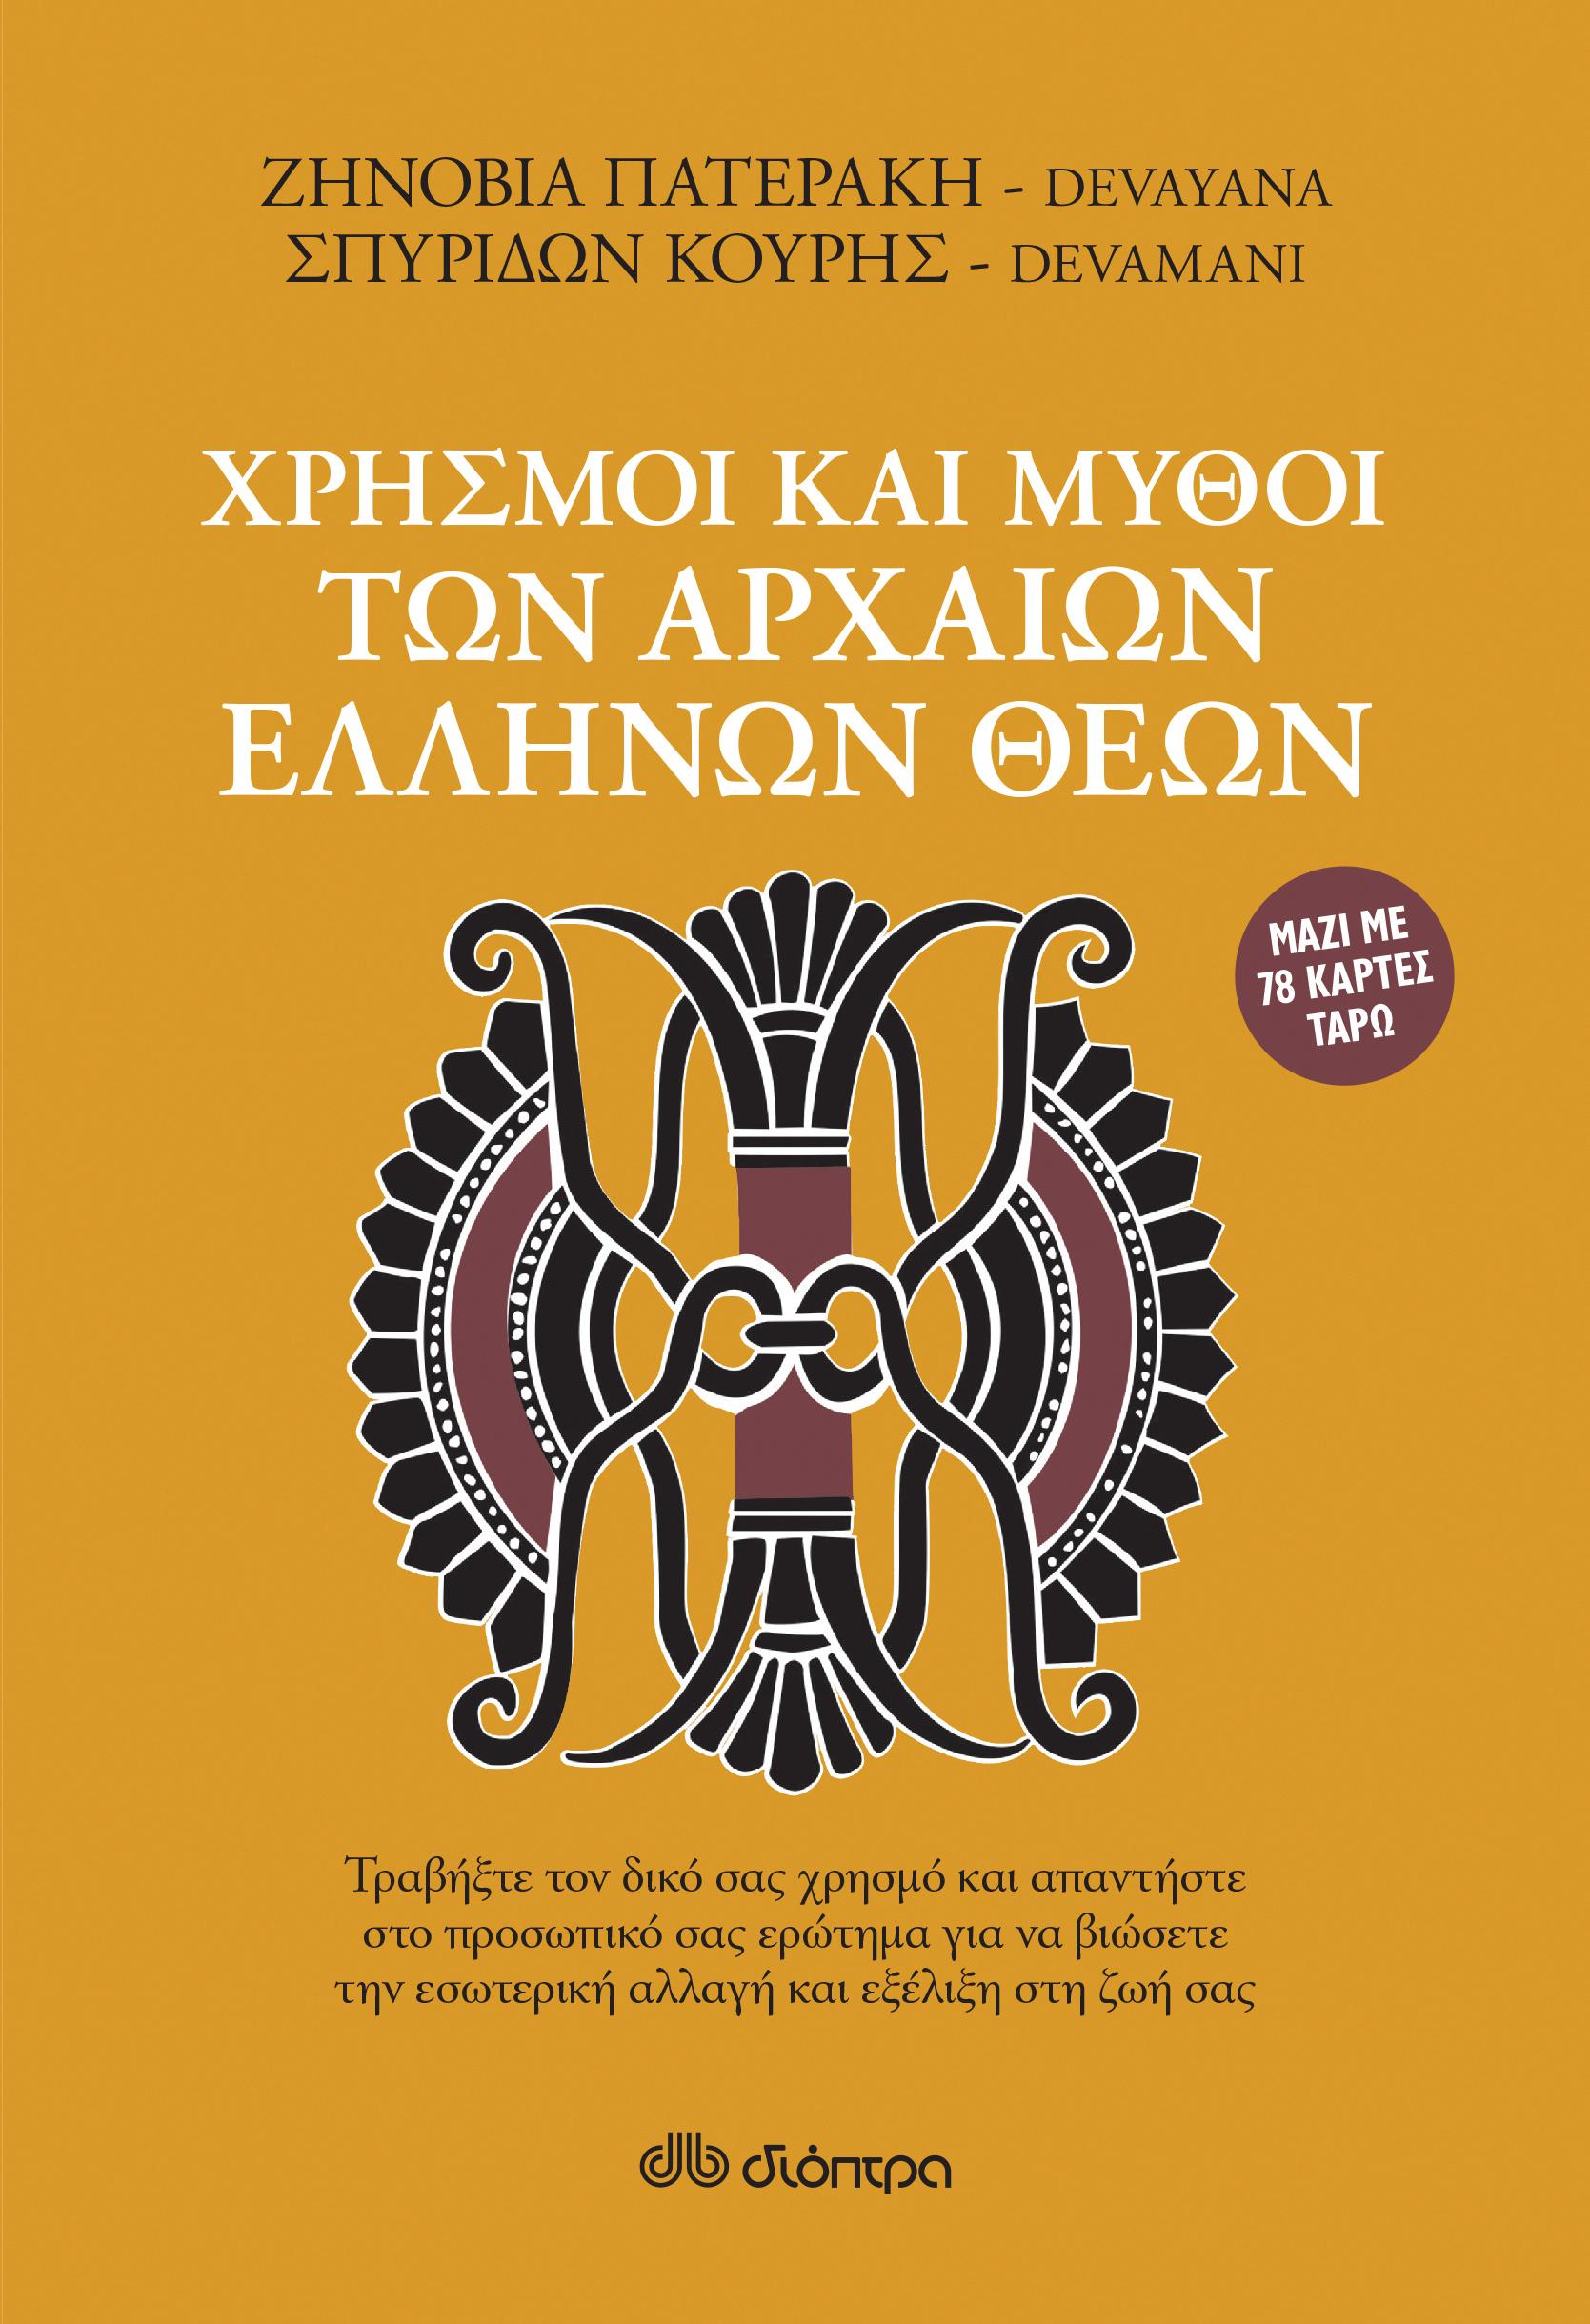 Χρησμοί Και Μύθοι Των Αρχαίων Ελλήνων Θεών